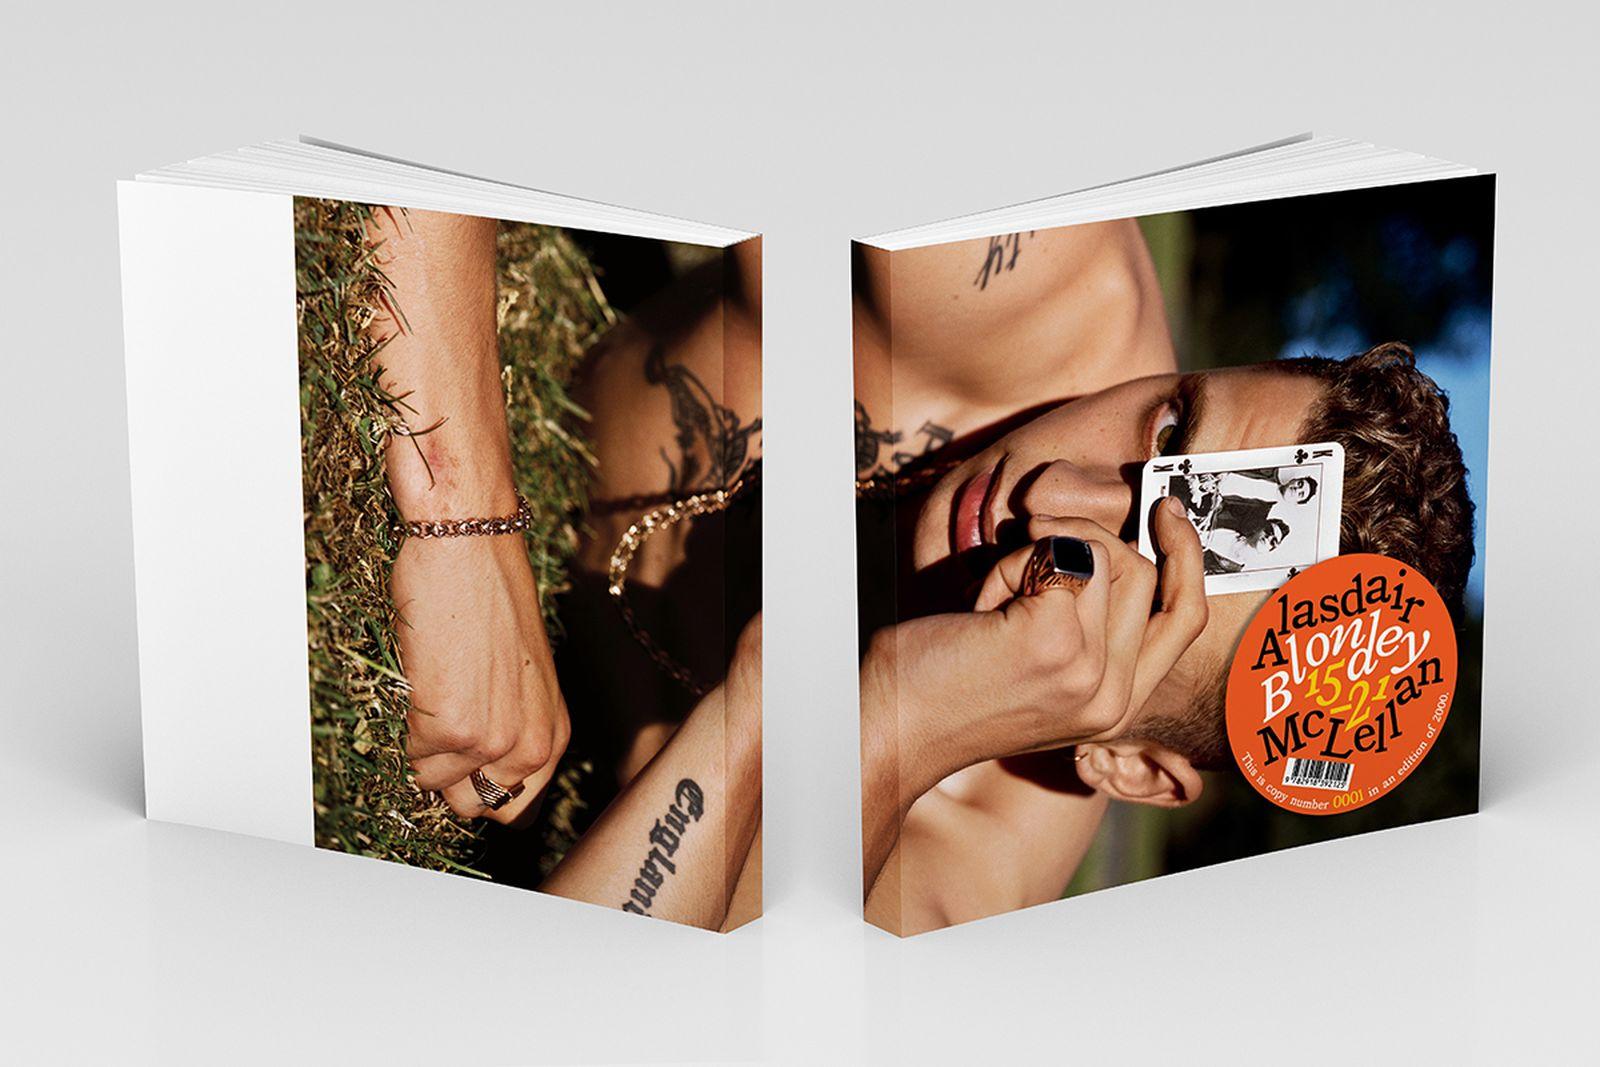 blondey mccoy book Blondey 15-21 alasdair mclellan